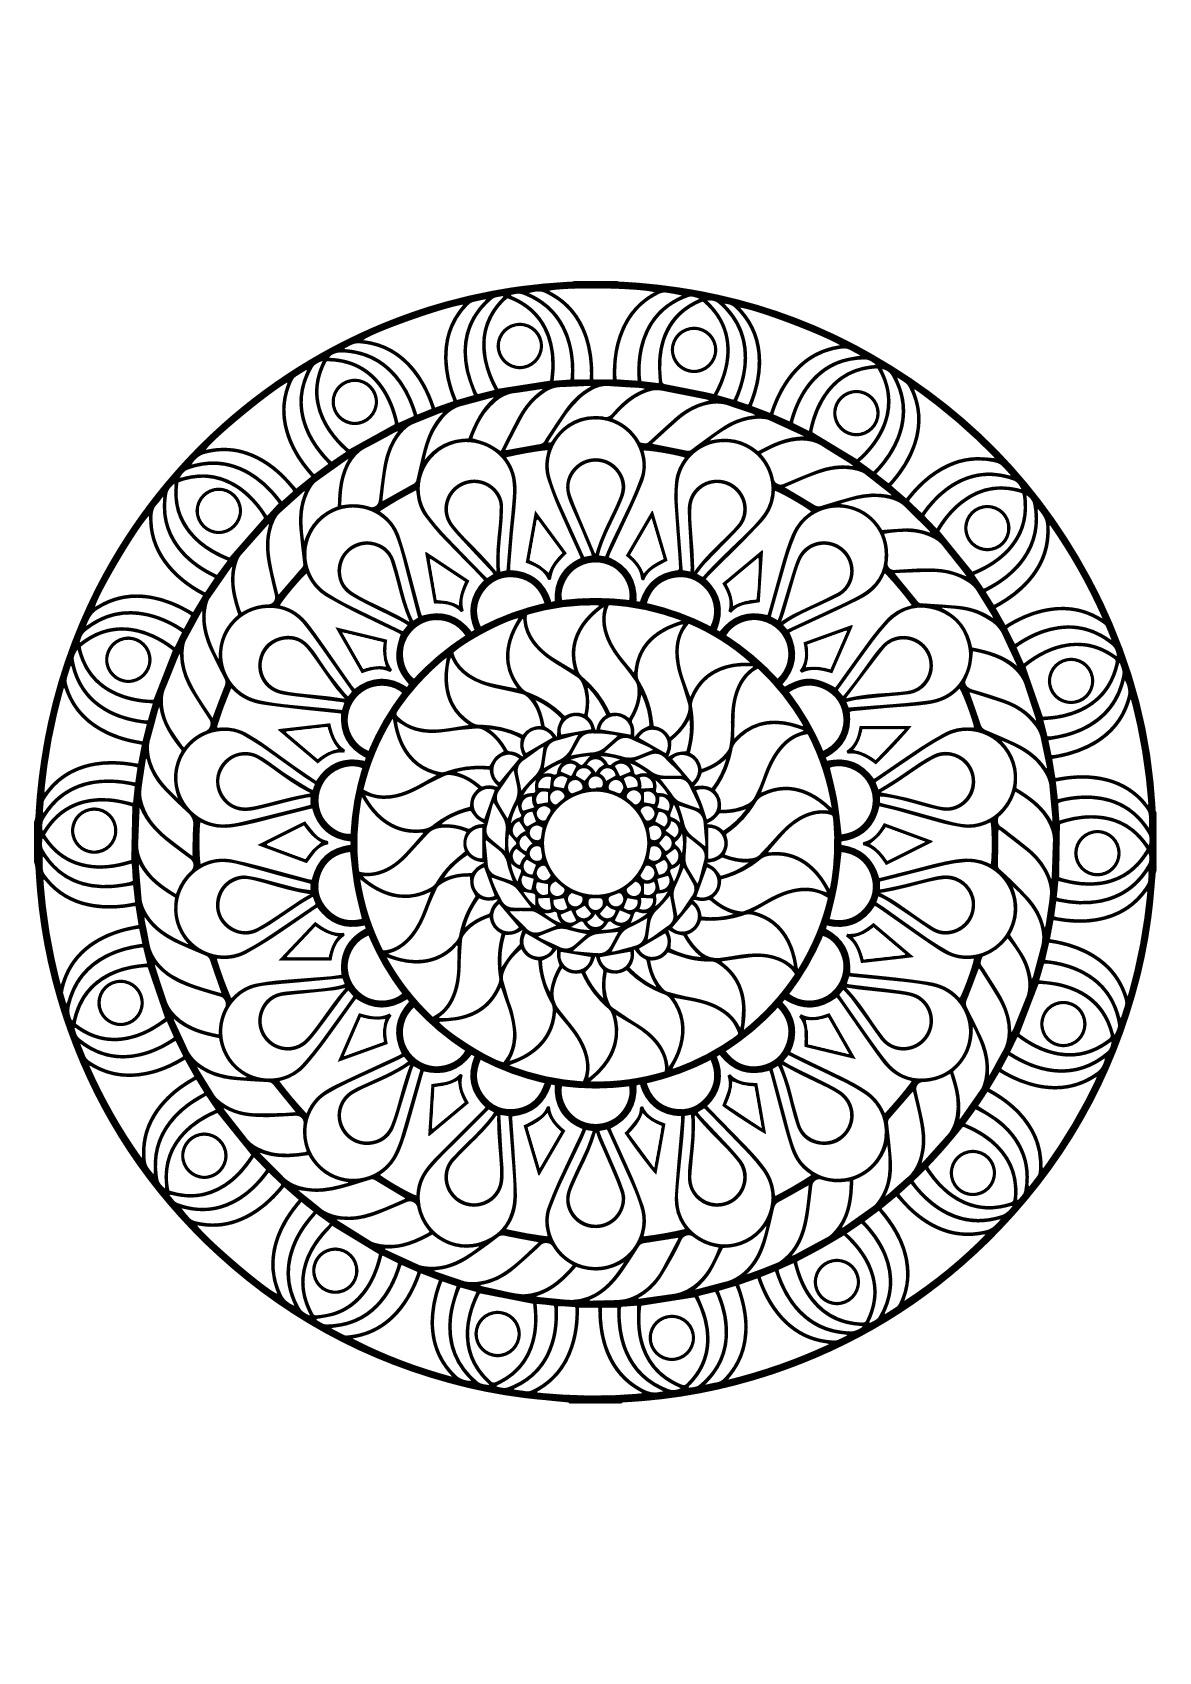 Disegni da colorare per adulti : Mandalas - 12